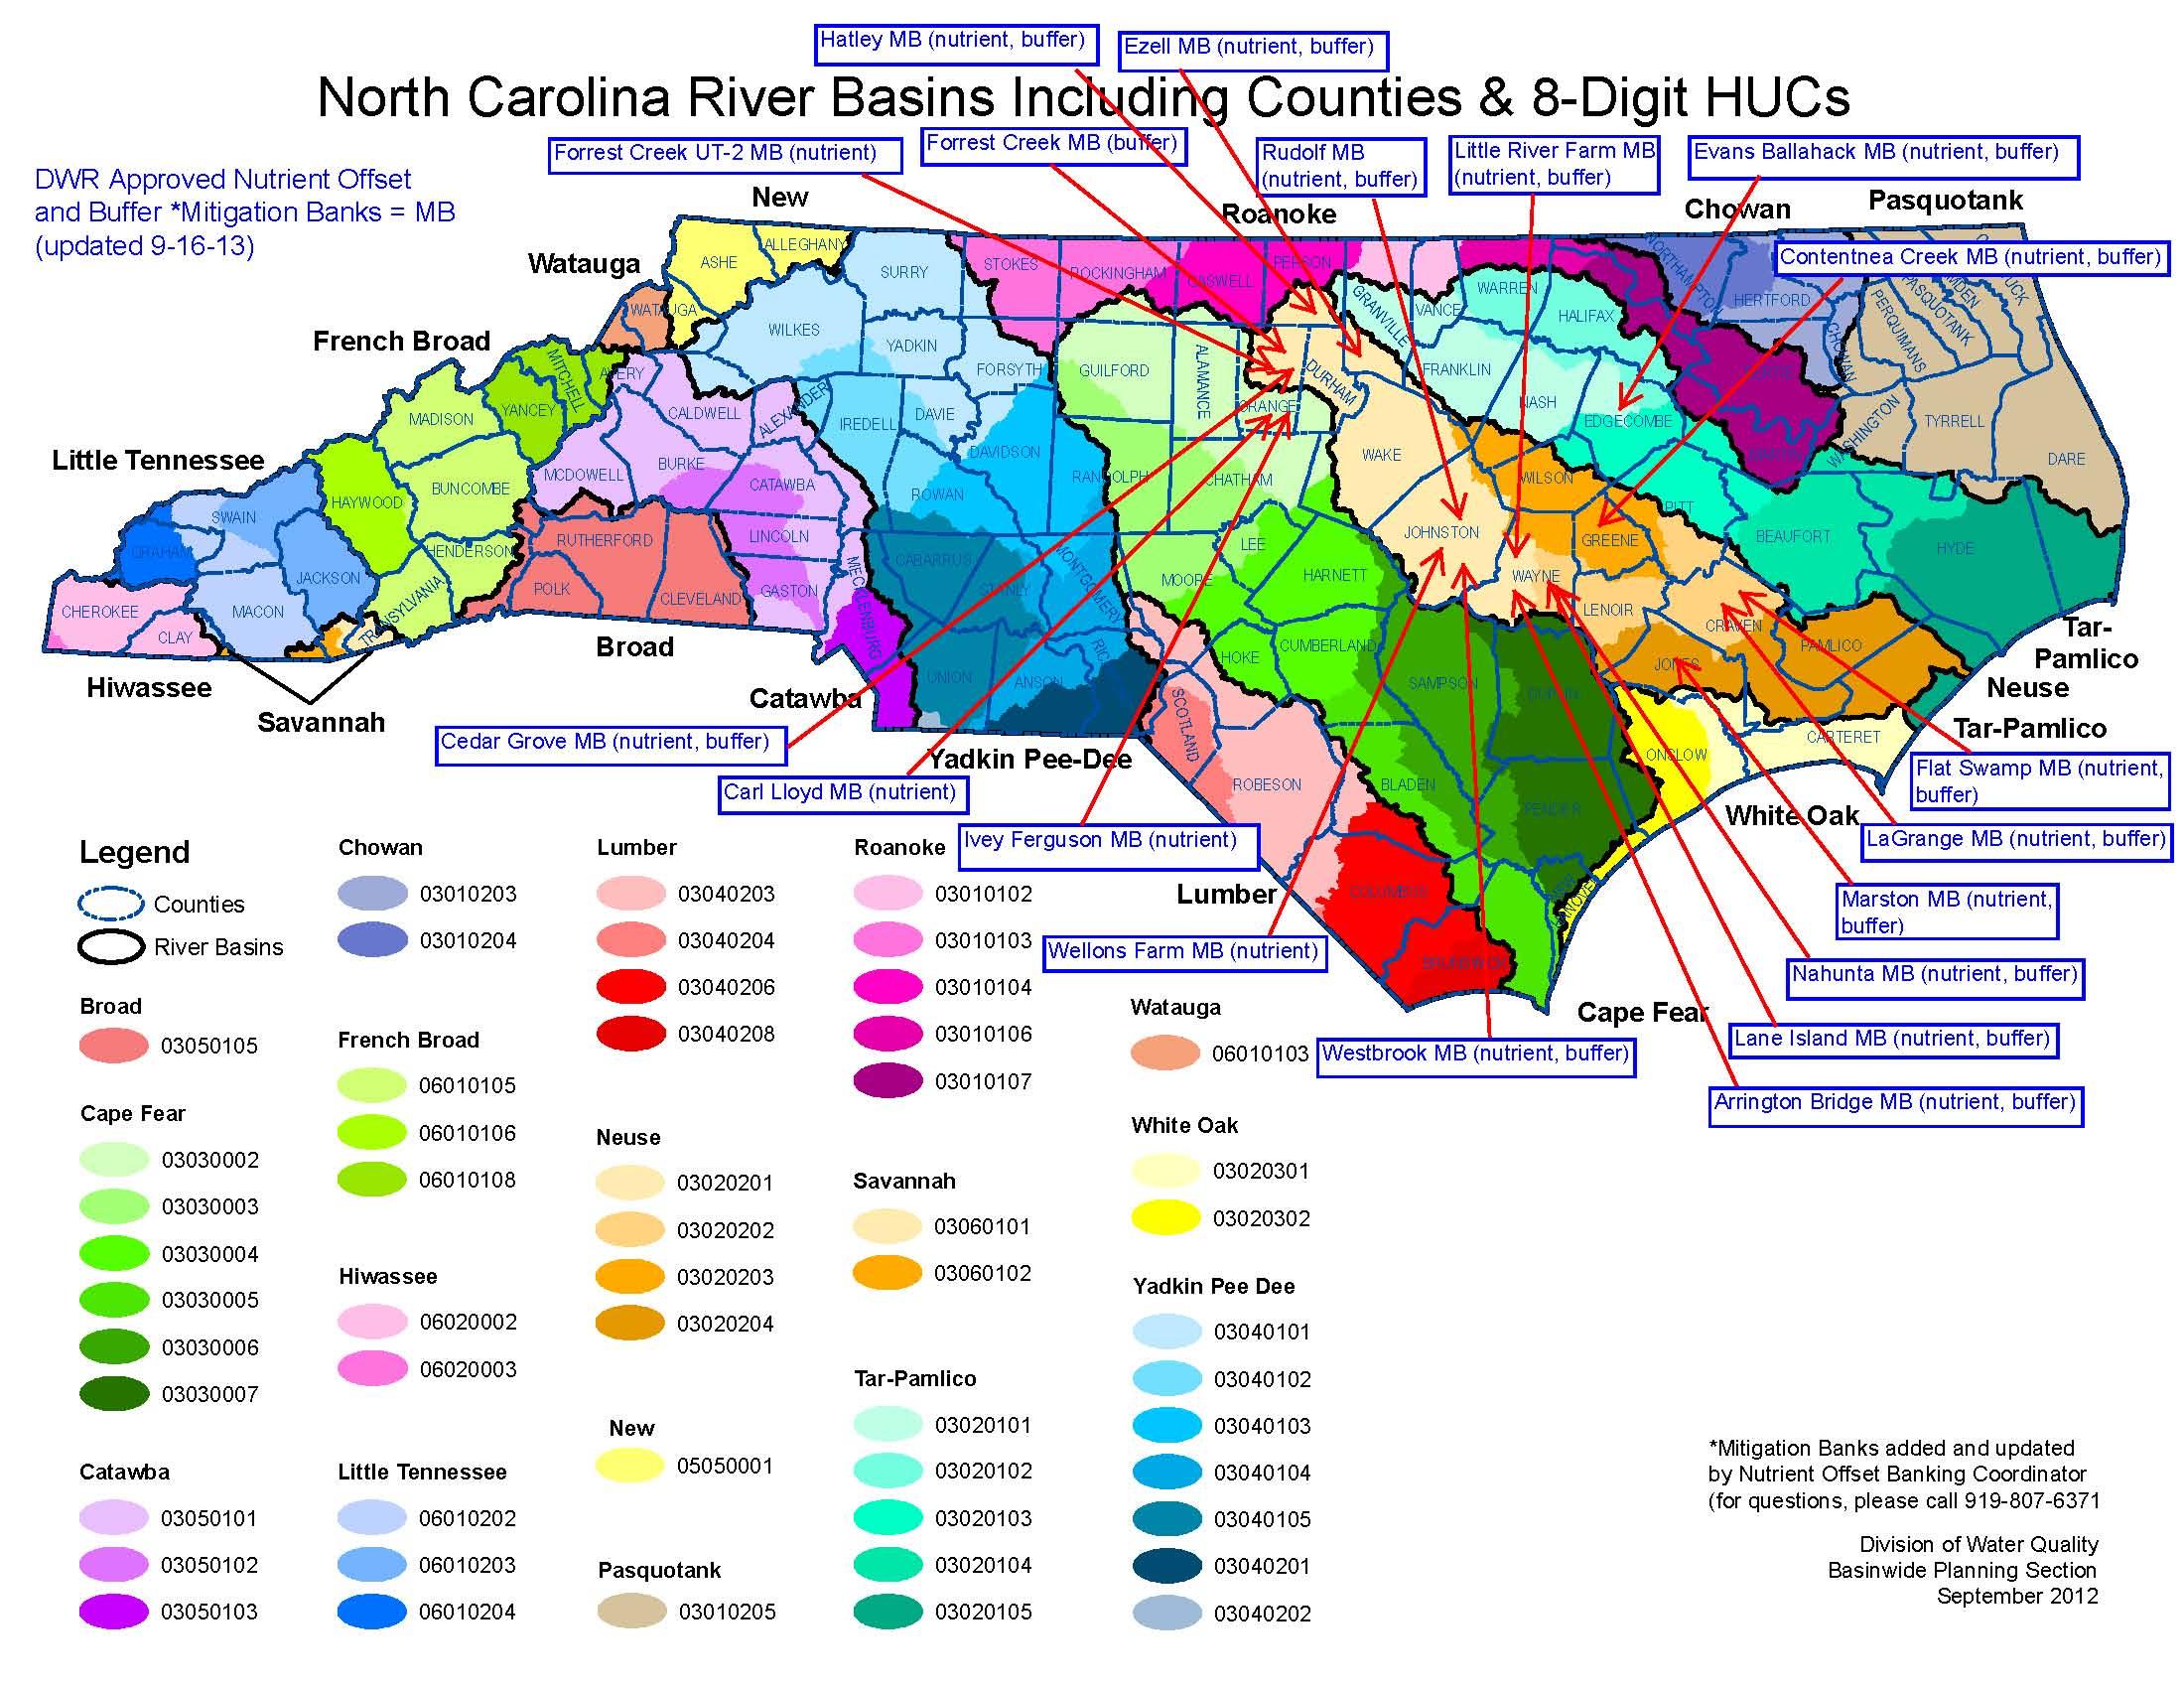 NC DEQ: Nutrient & Buffer Templates